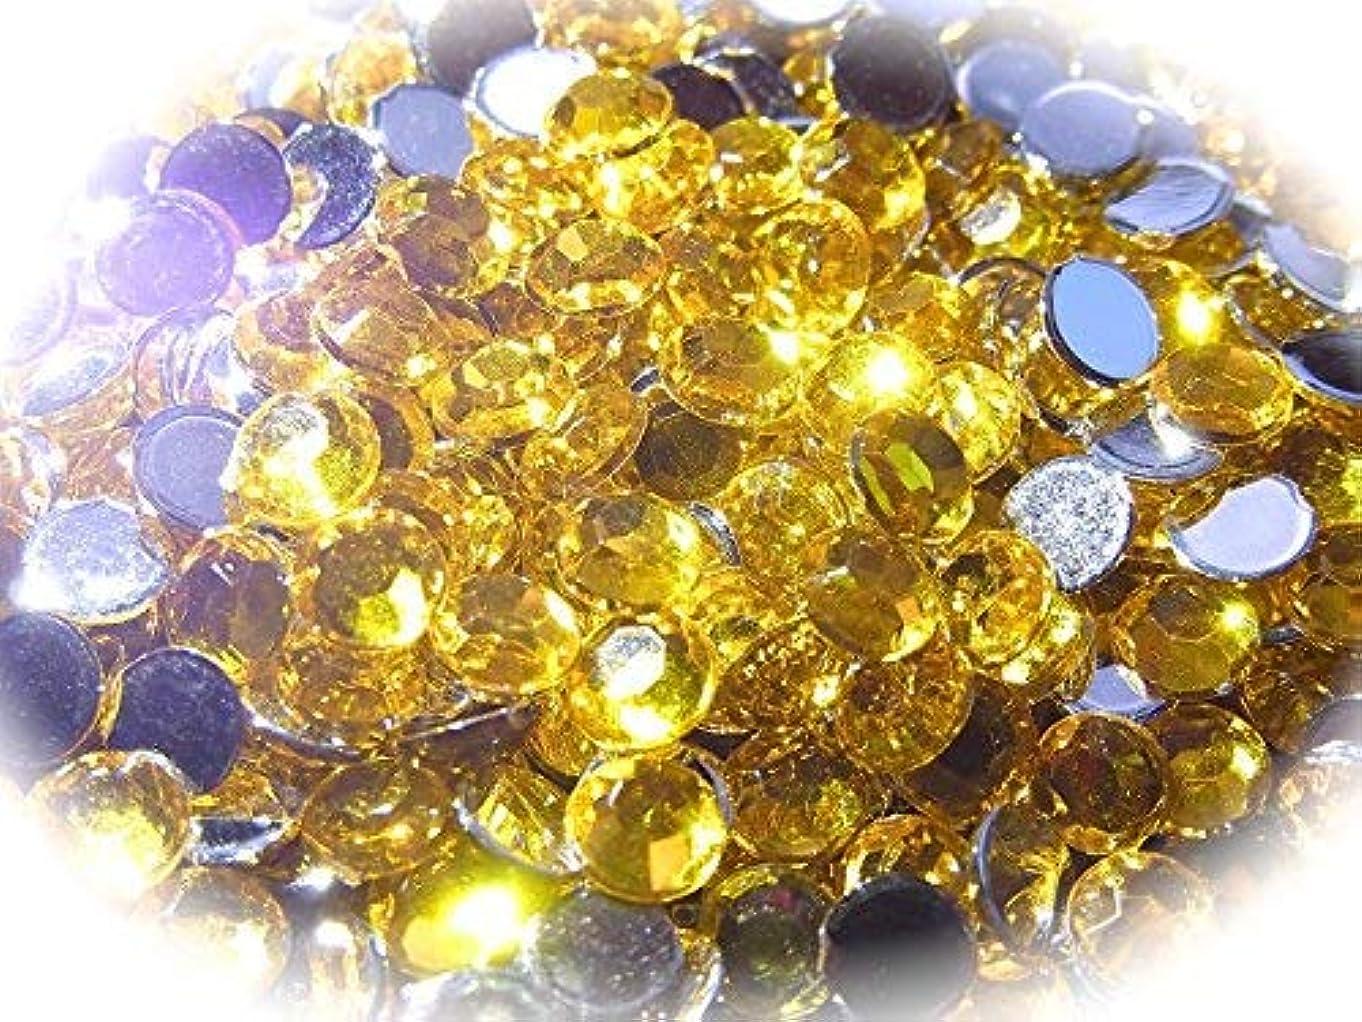 ベンチャーゲインセイわかりやすい【jewel】ls1 最高品質 ラインストーン 1.5mm?5mm グルーデコ (1.5mm(300粒), イエロー)